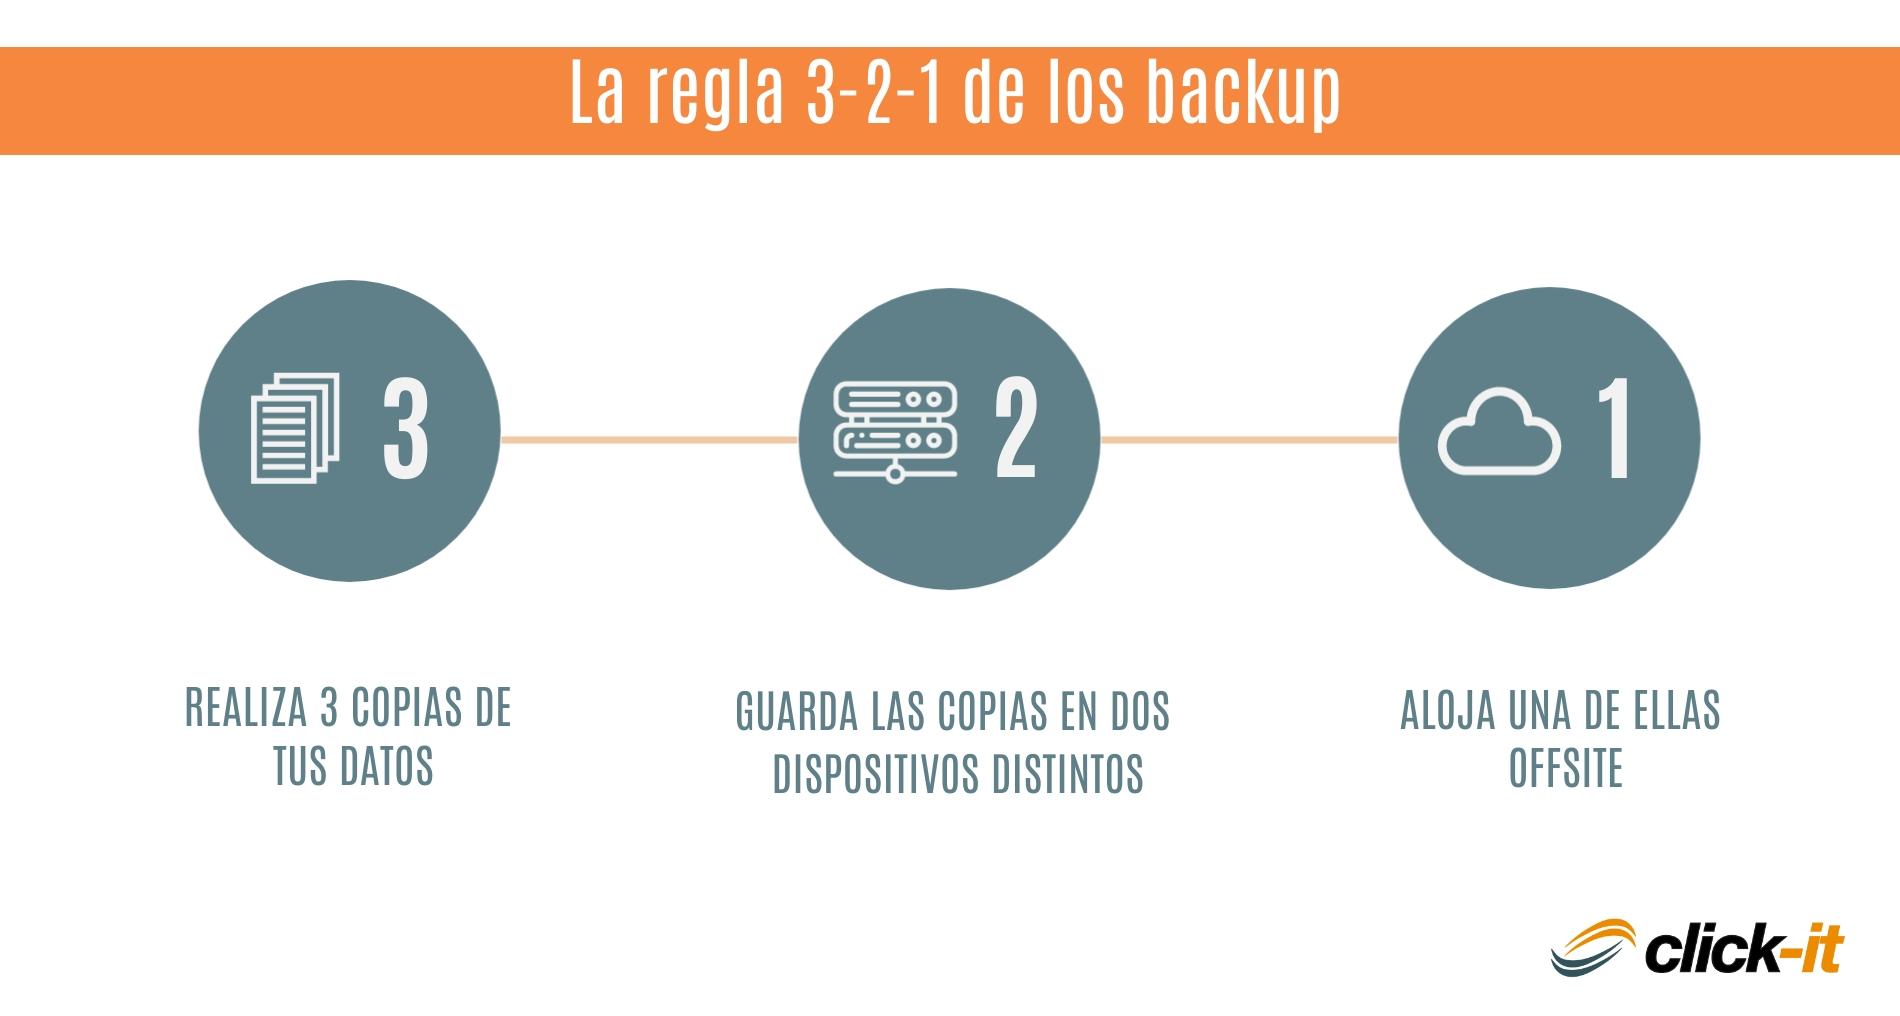 La regla 3-2-1 del backup